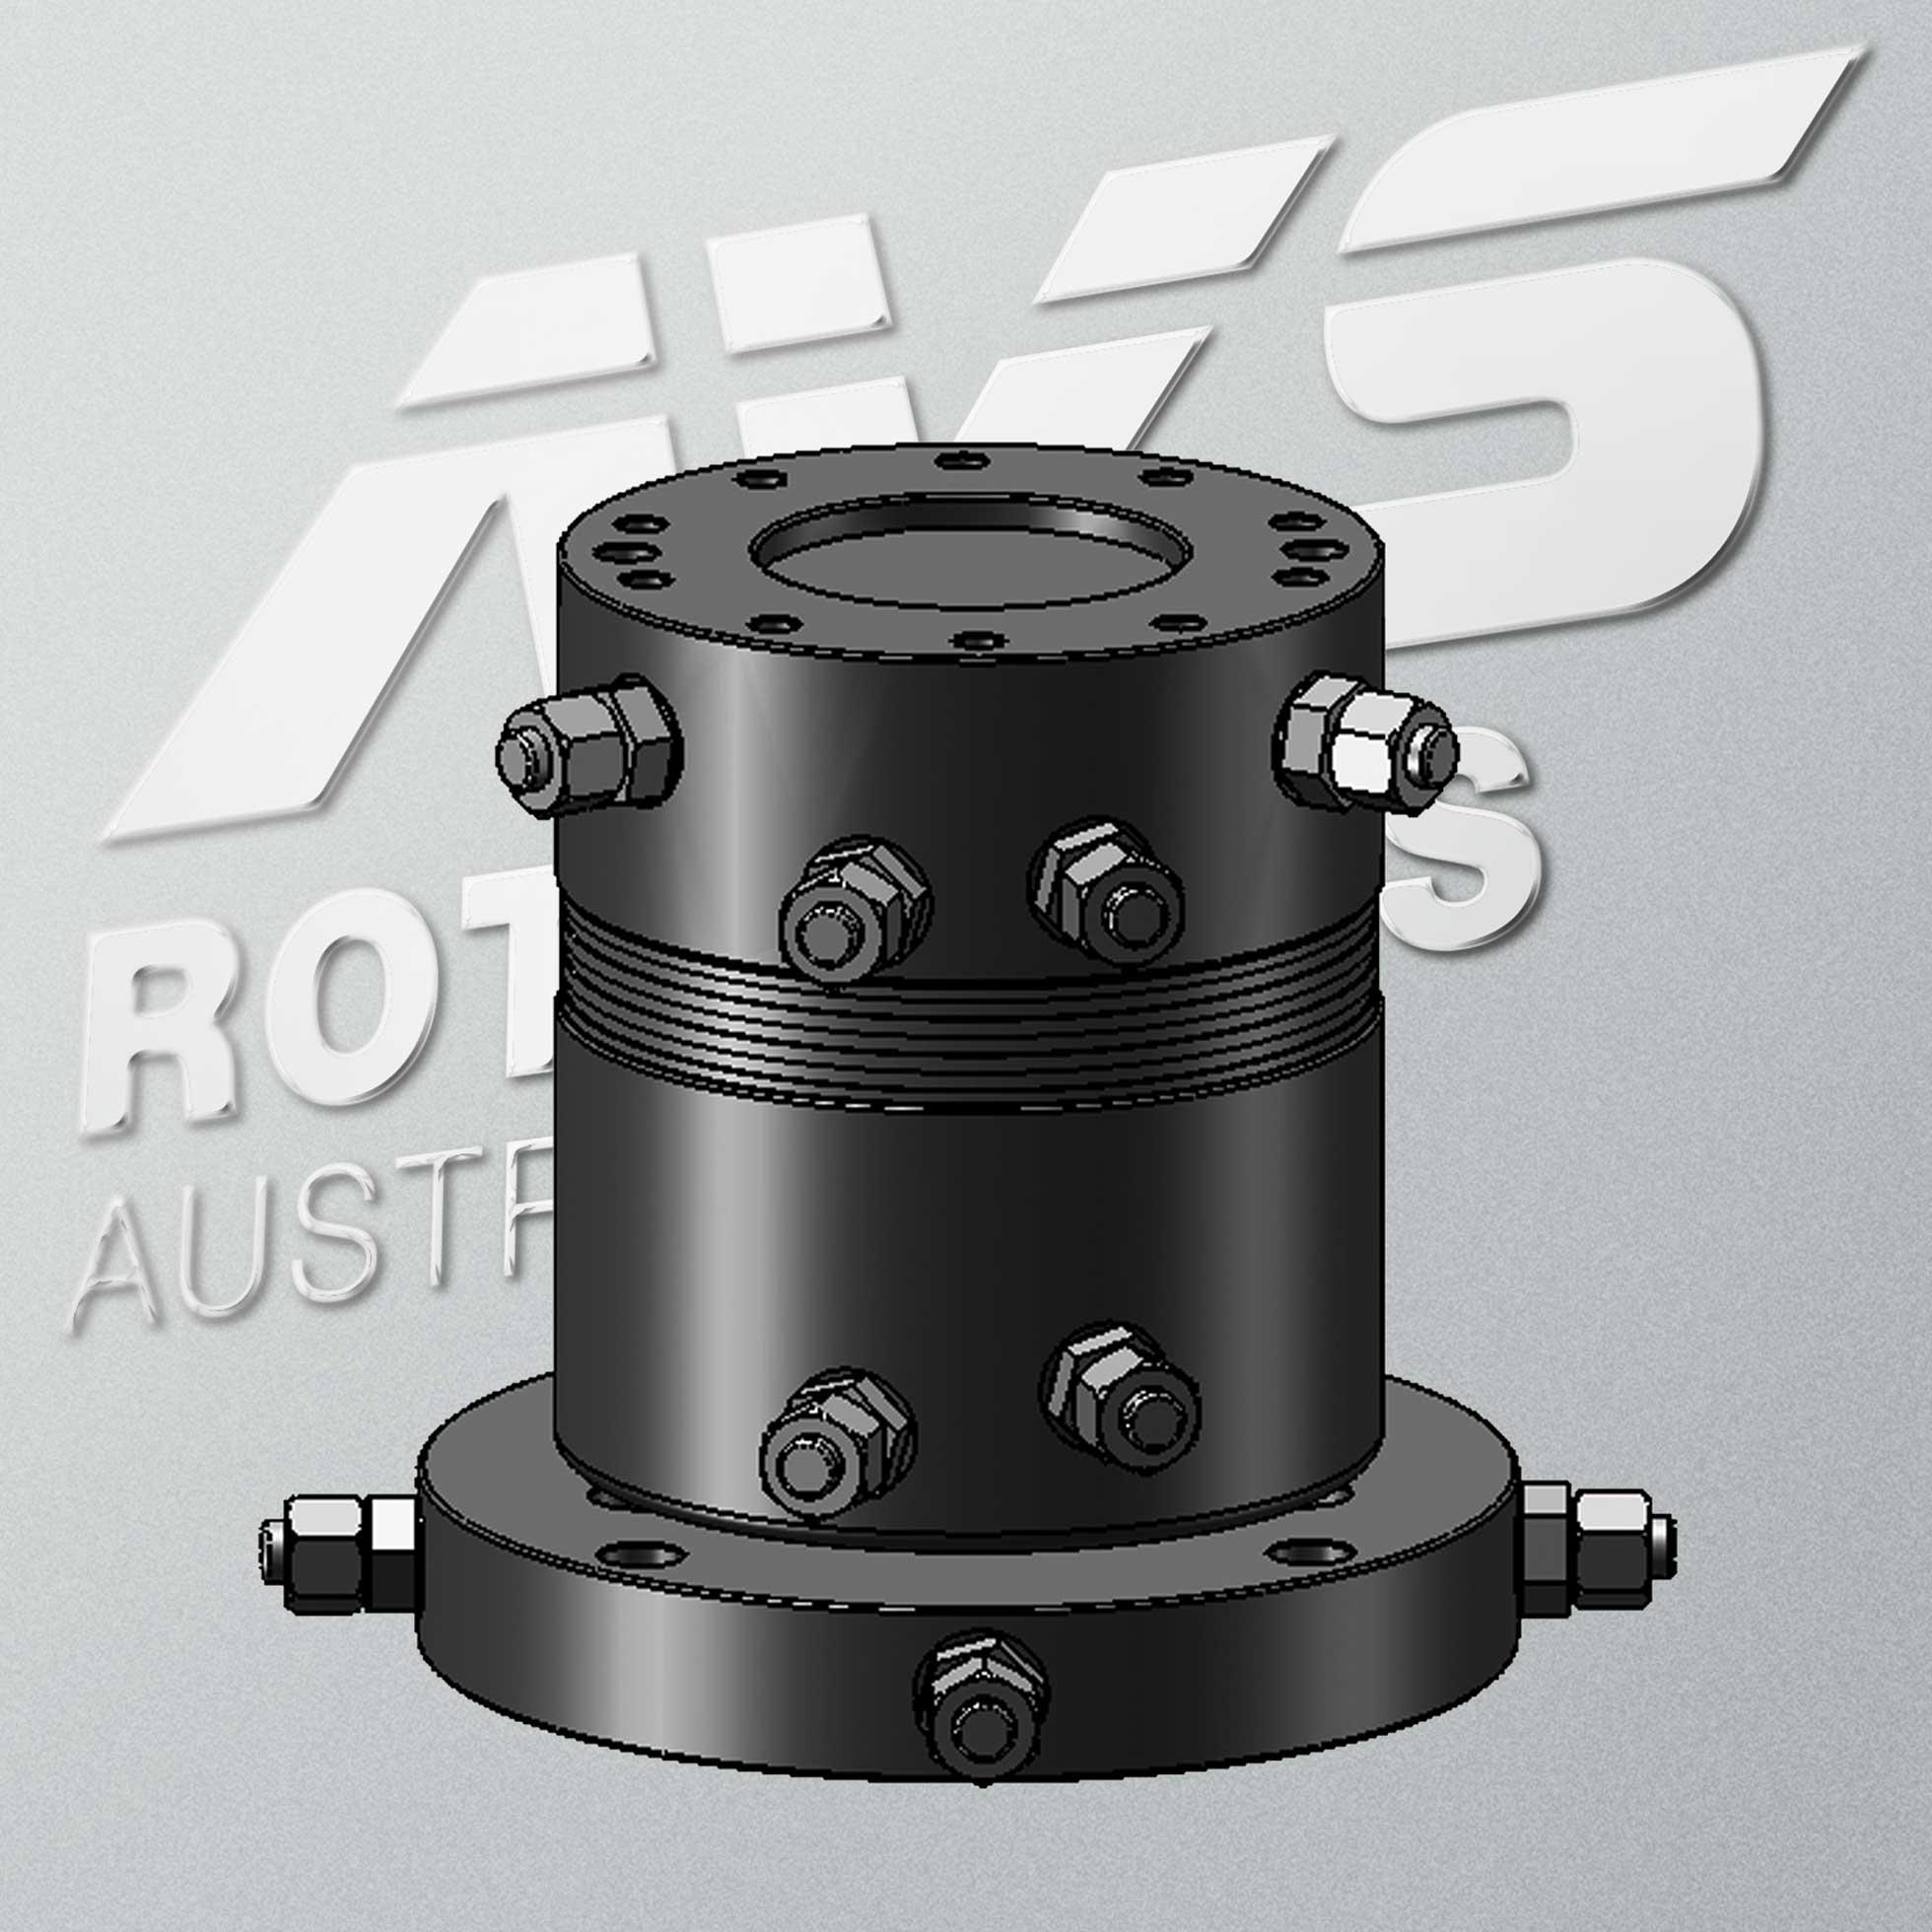 Home - AVS - Hydraulic Rotators for Cranes, Excavators